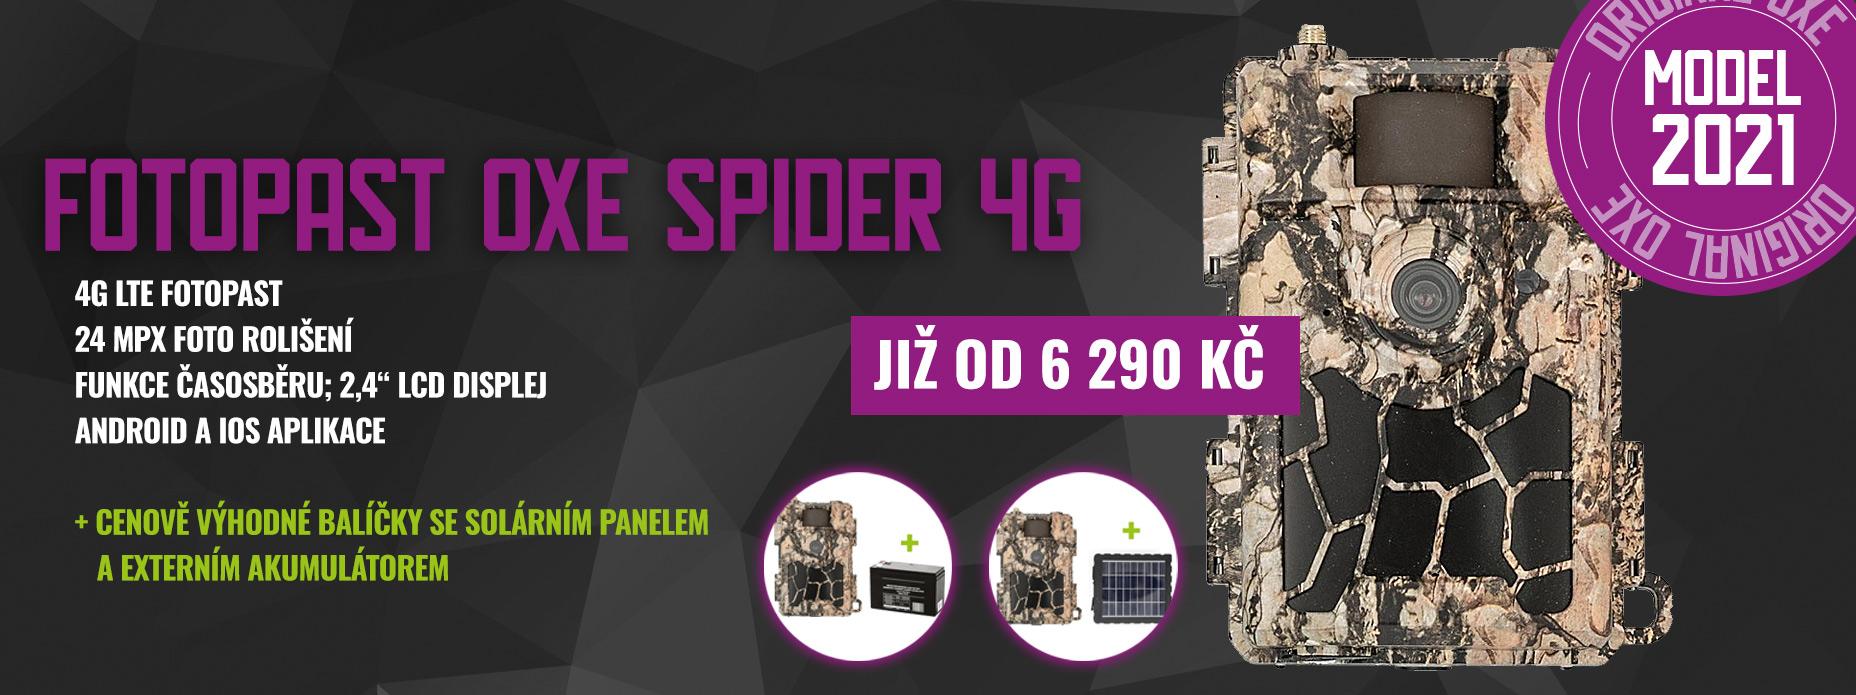 Fotopast OXE Spider 4G